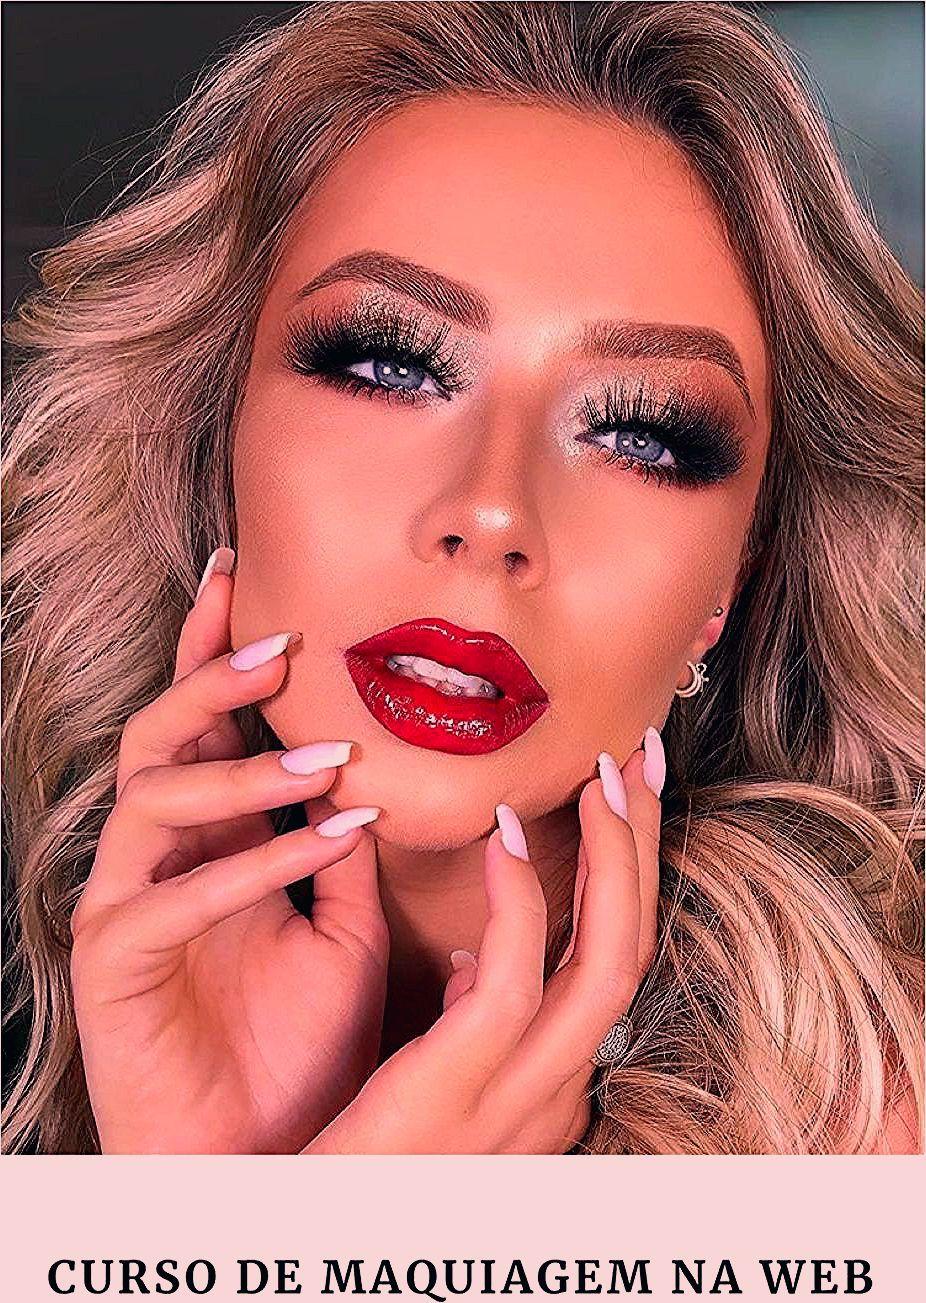 Quer ser uma maquiadora de sucesso?clica aqui 👇🏻 e fale comigo!